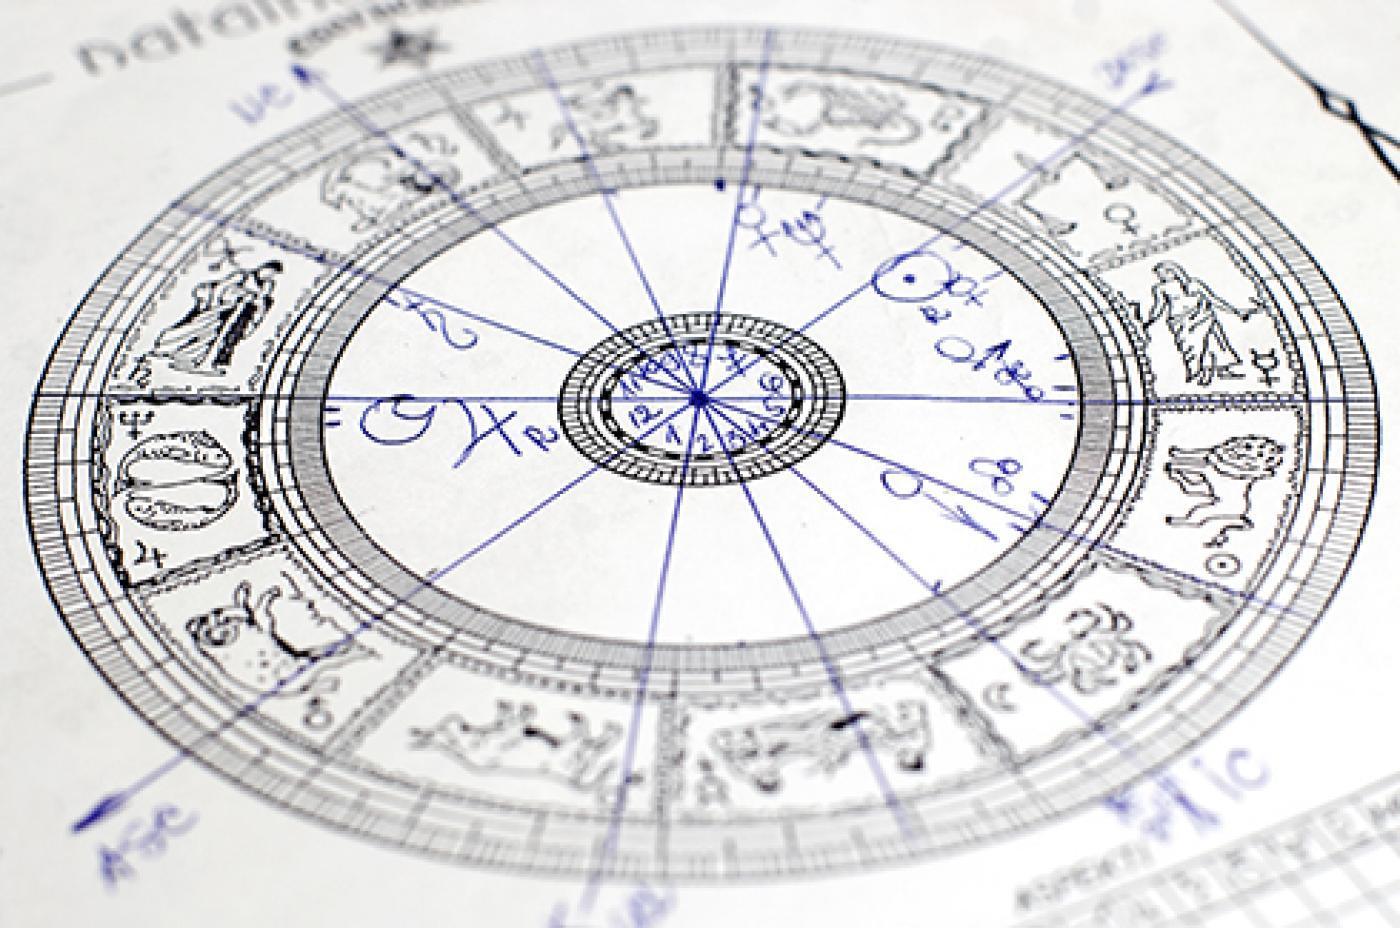 rák randevú rák asztrológia Öt legjobb ázsiai társkereső oldal